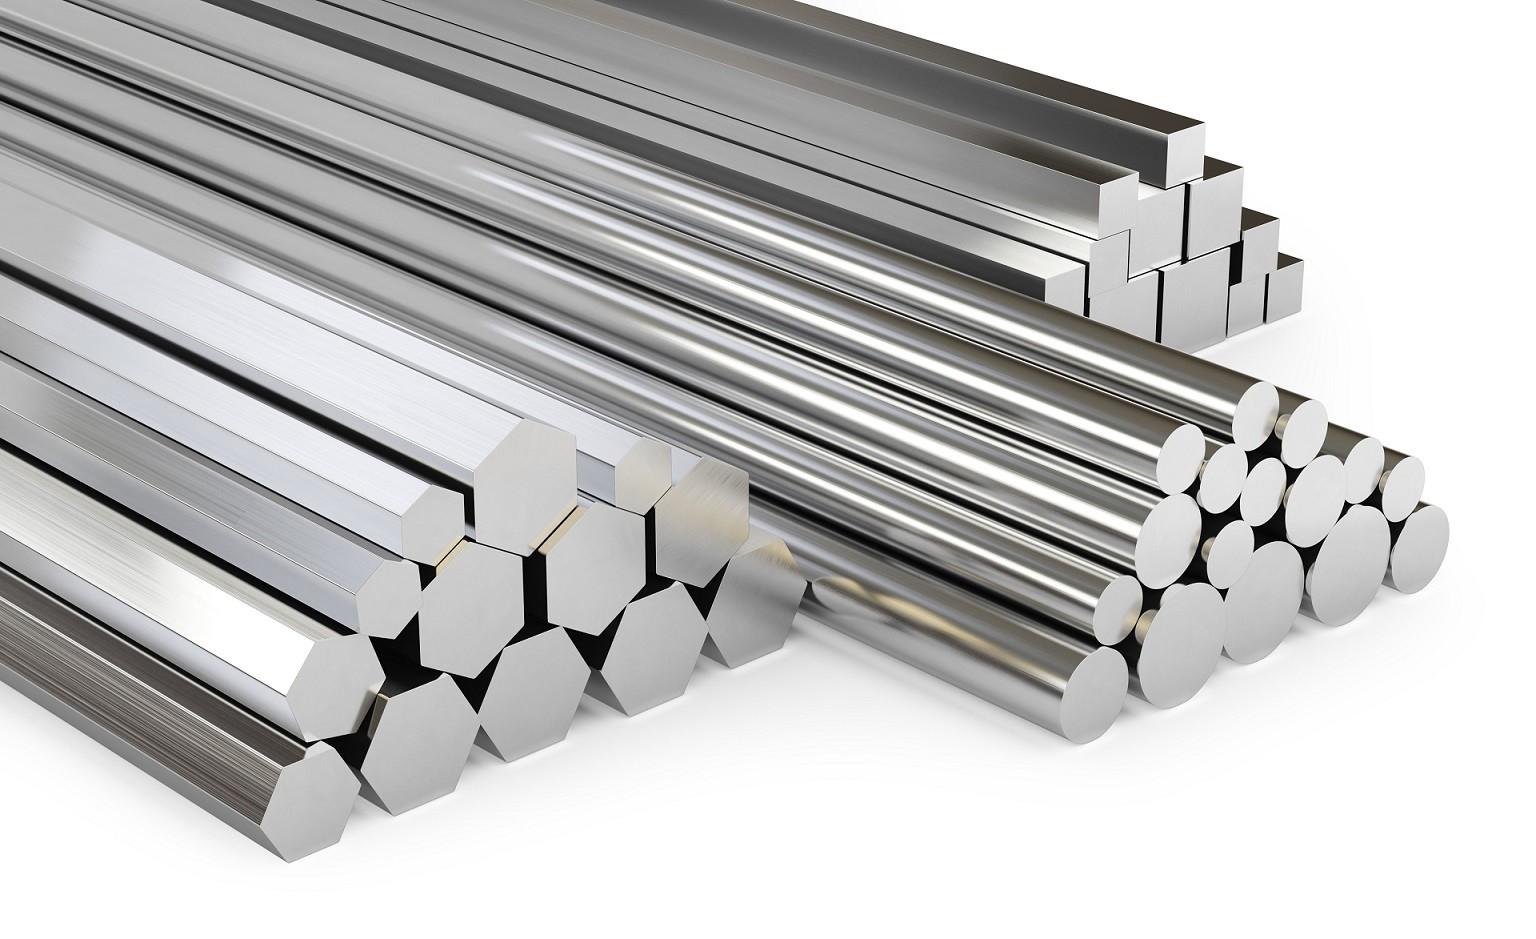 2024 7050 7075 aluminum bar, rod